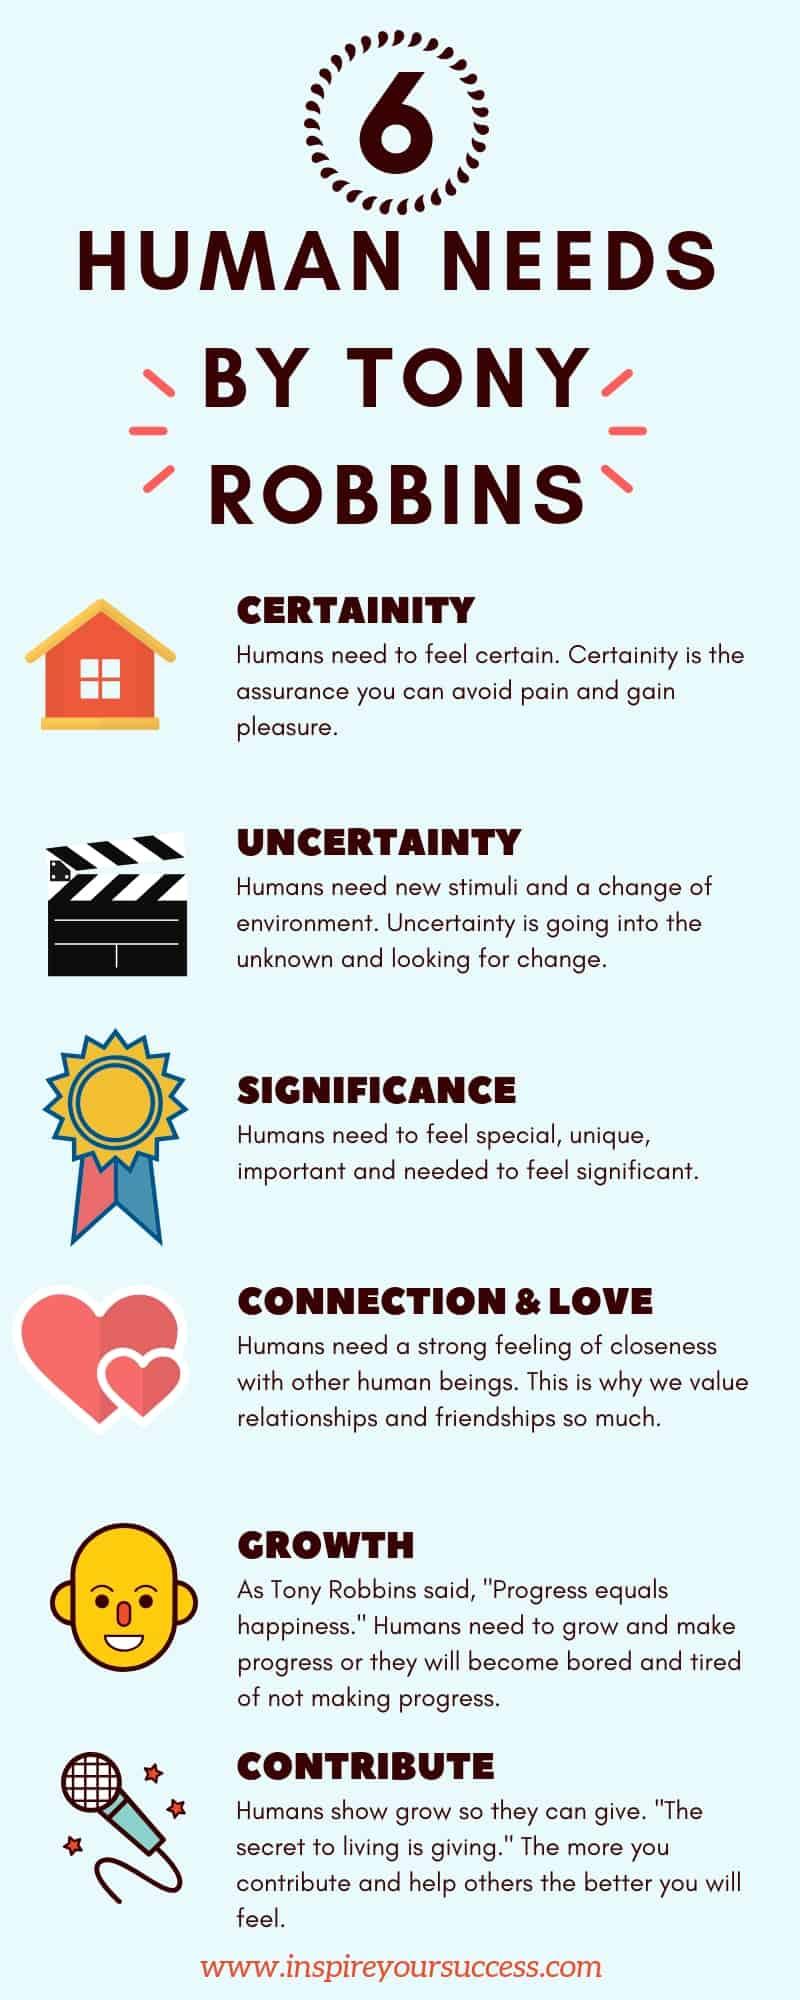 6 Human Needs by Tony Robbins